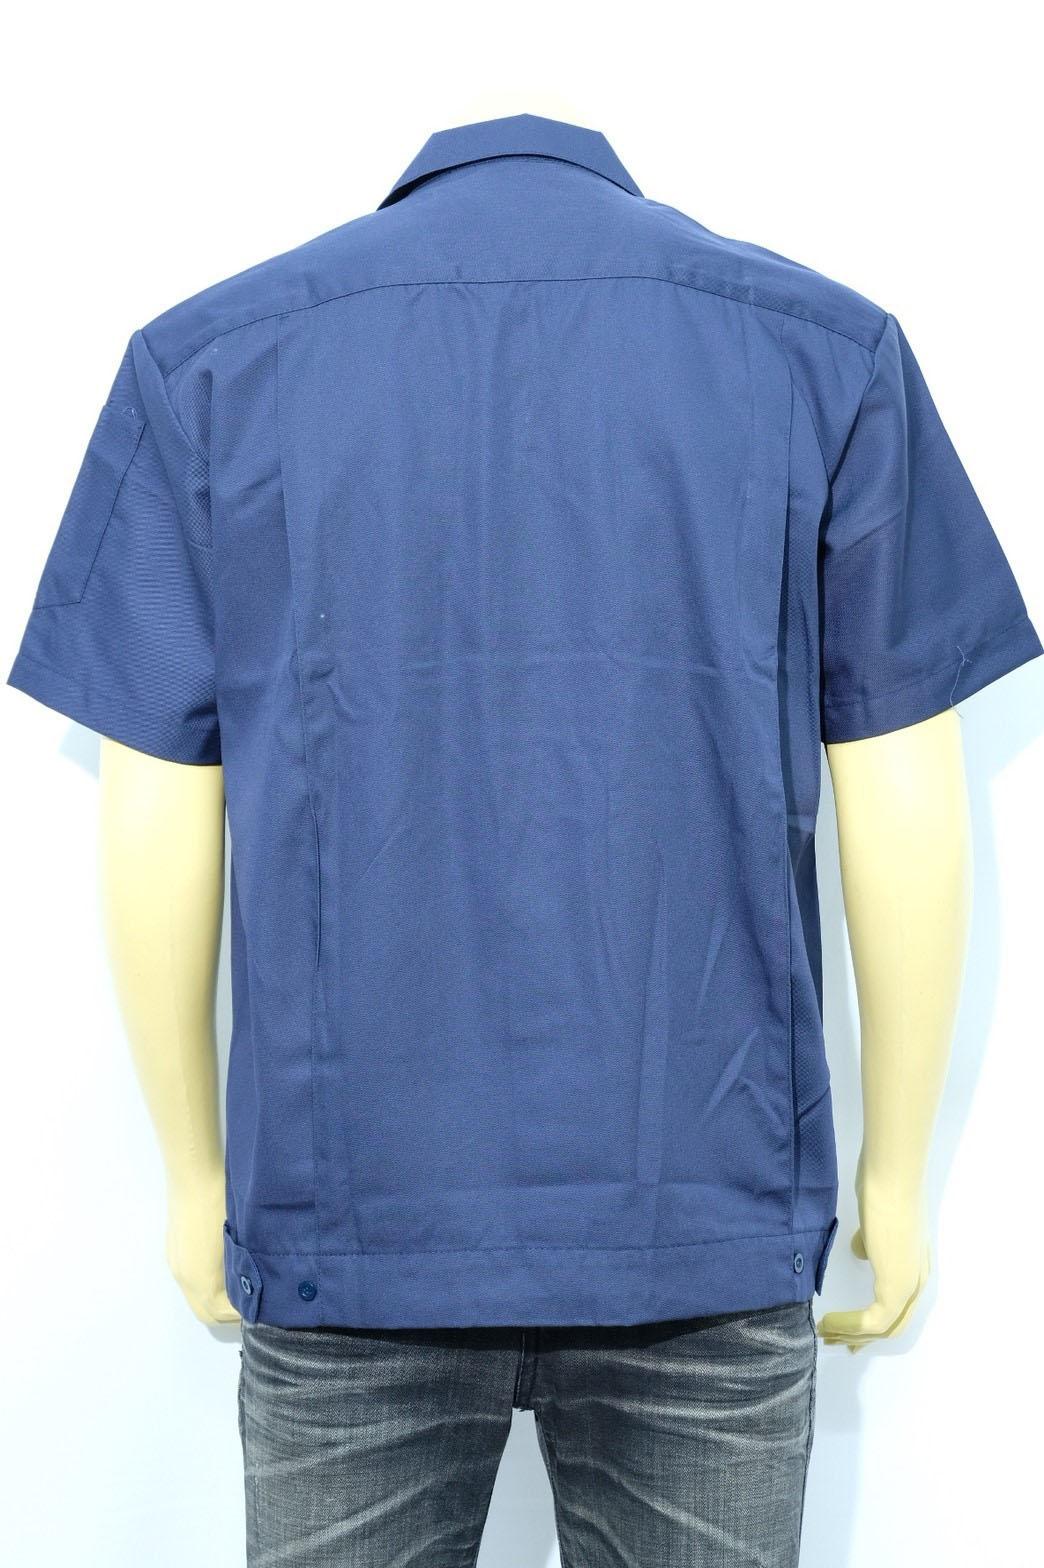 เสื้อช็อปสีน้ำเงิน